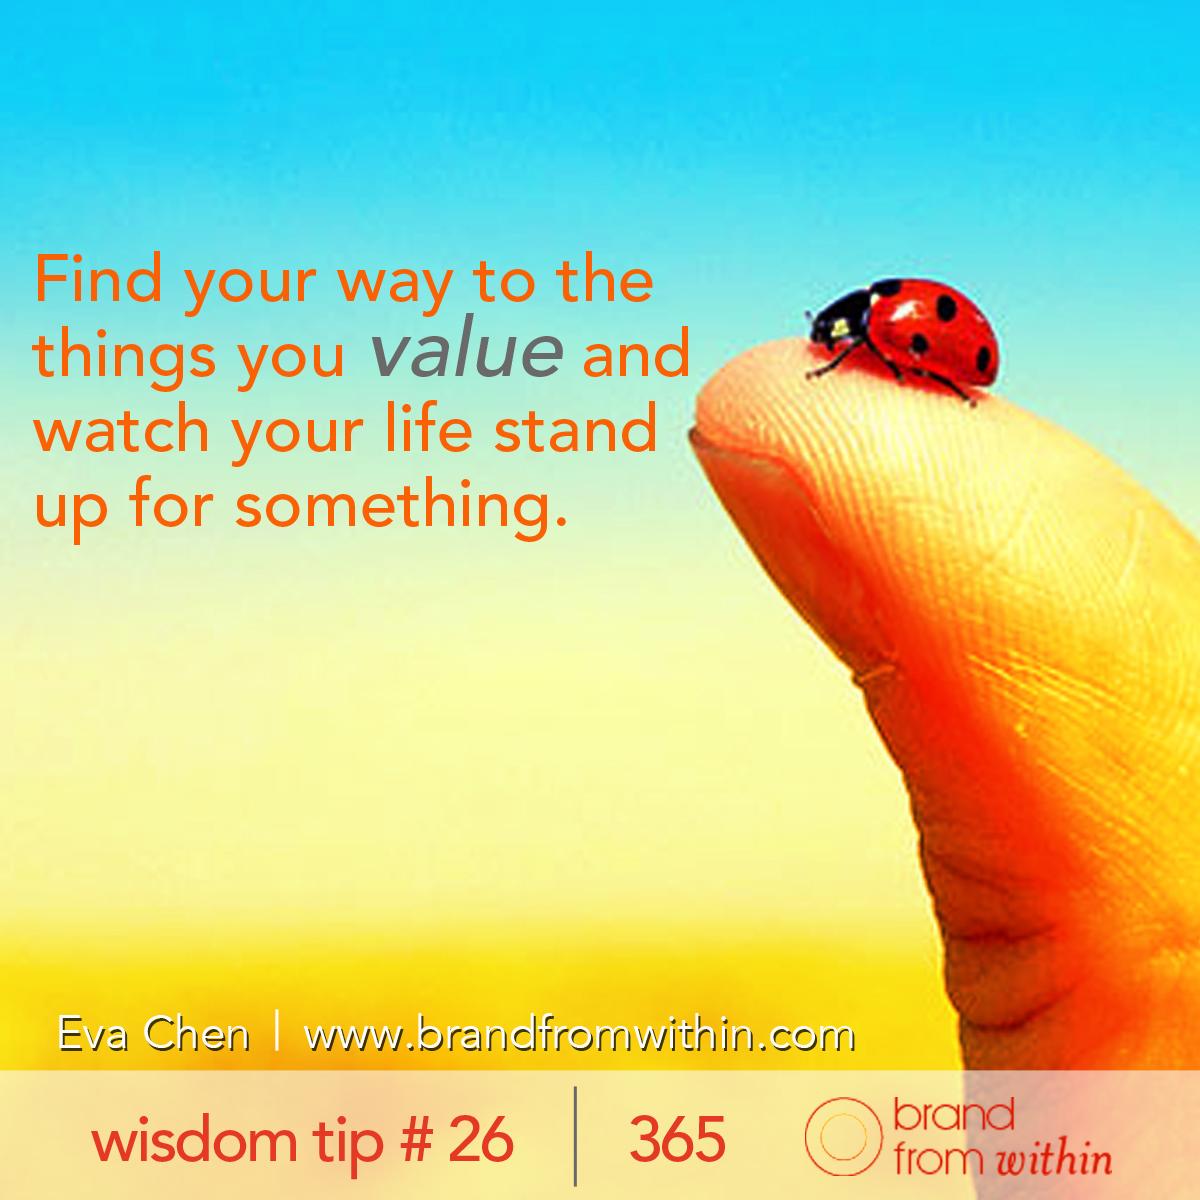 DAY 26 WISDOM TIP